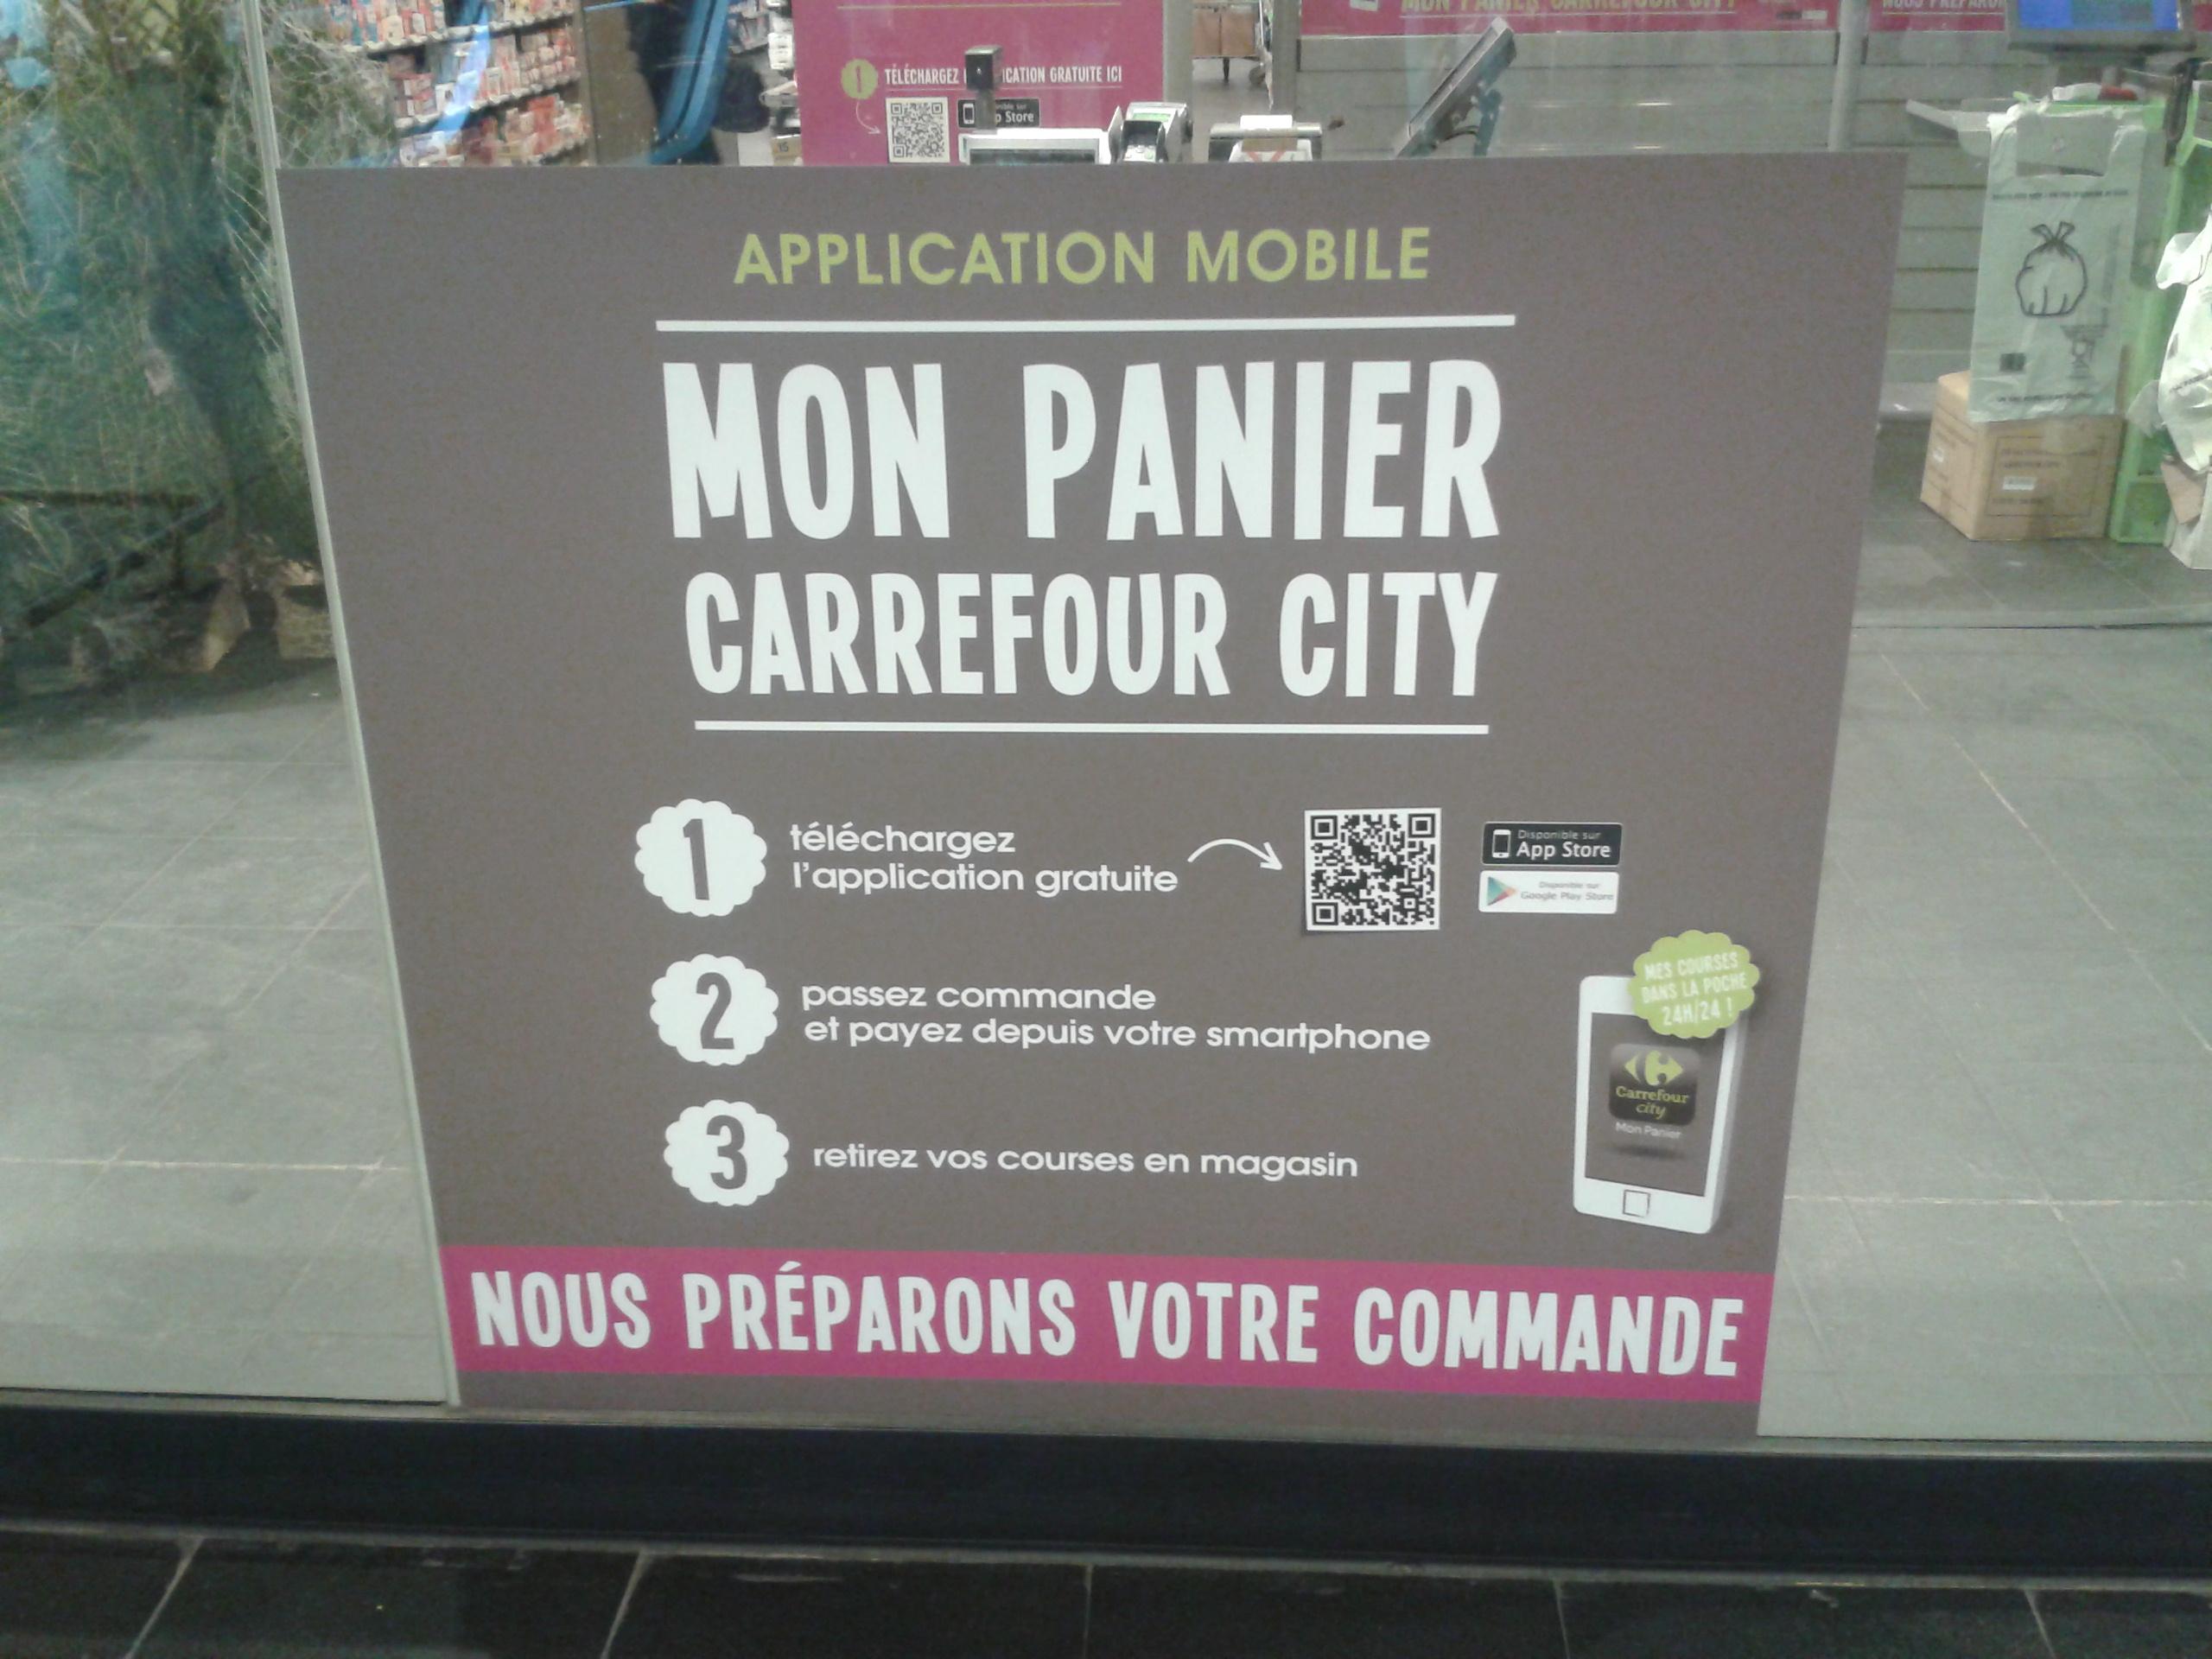 Drive piéton du Carrefour City Gare St Lazare